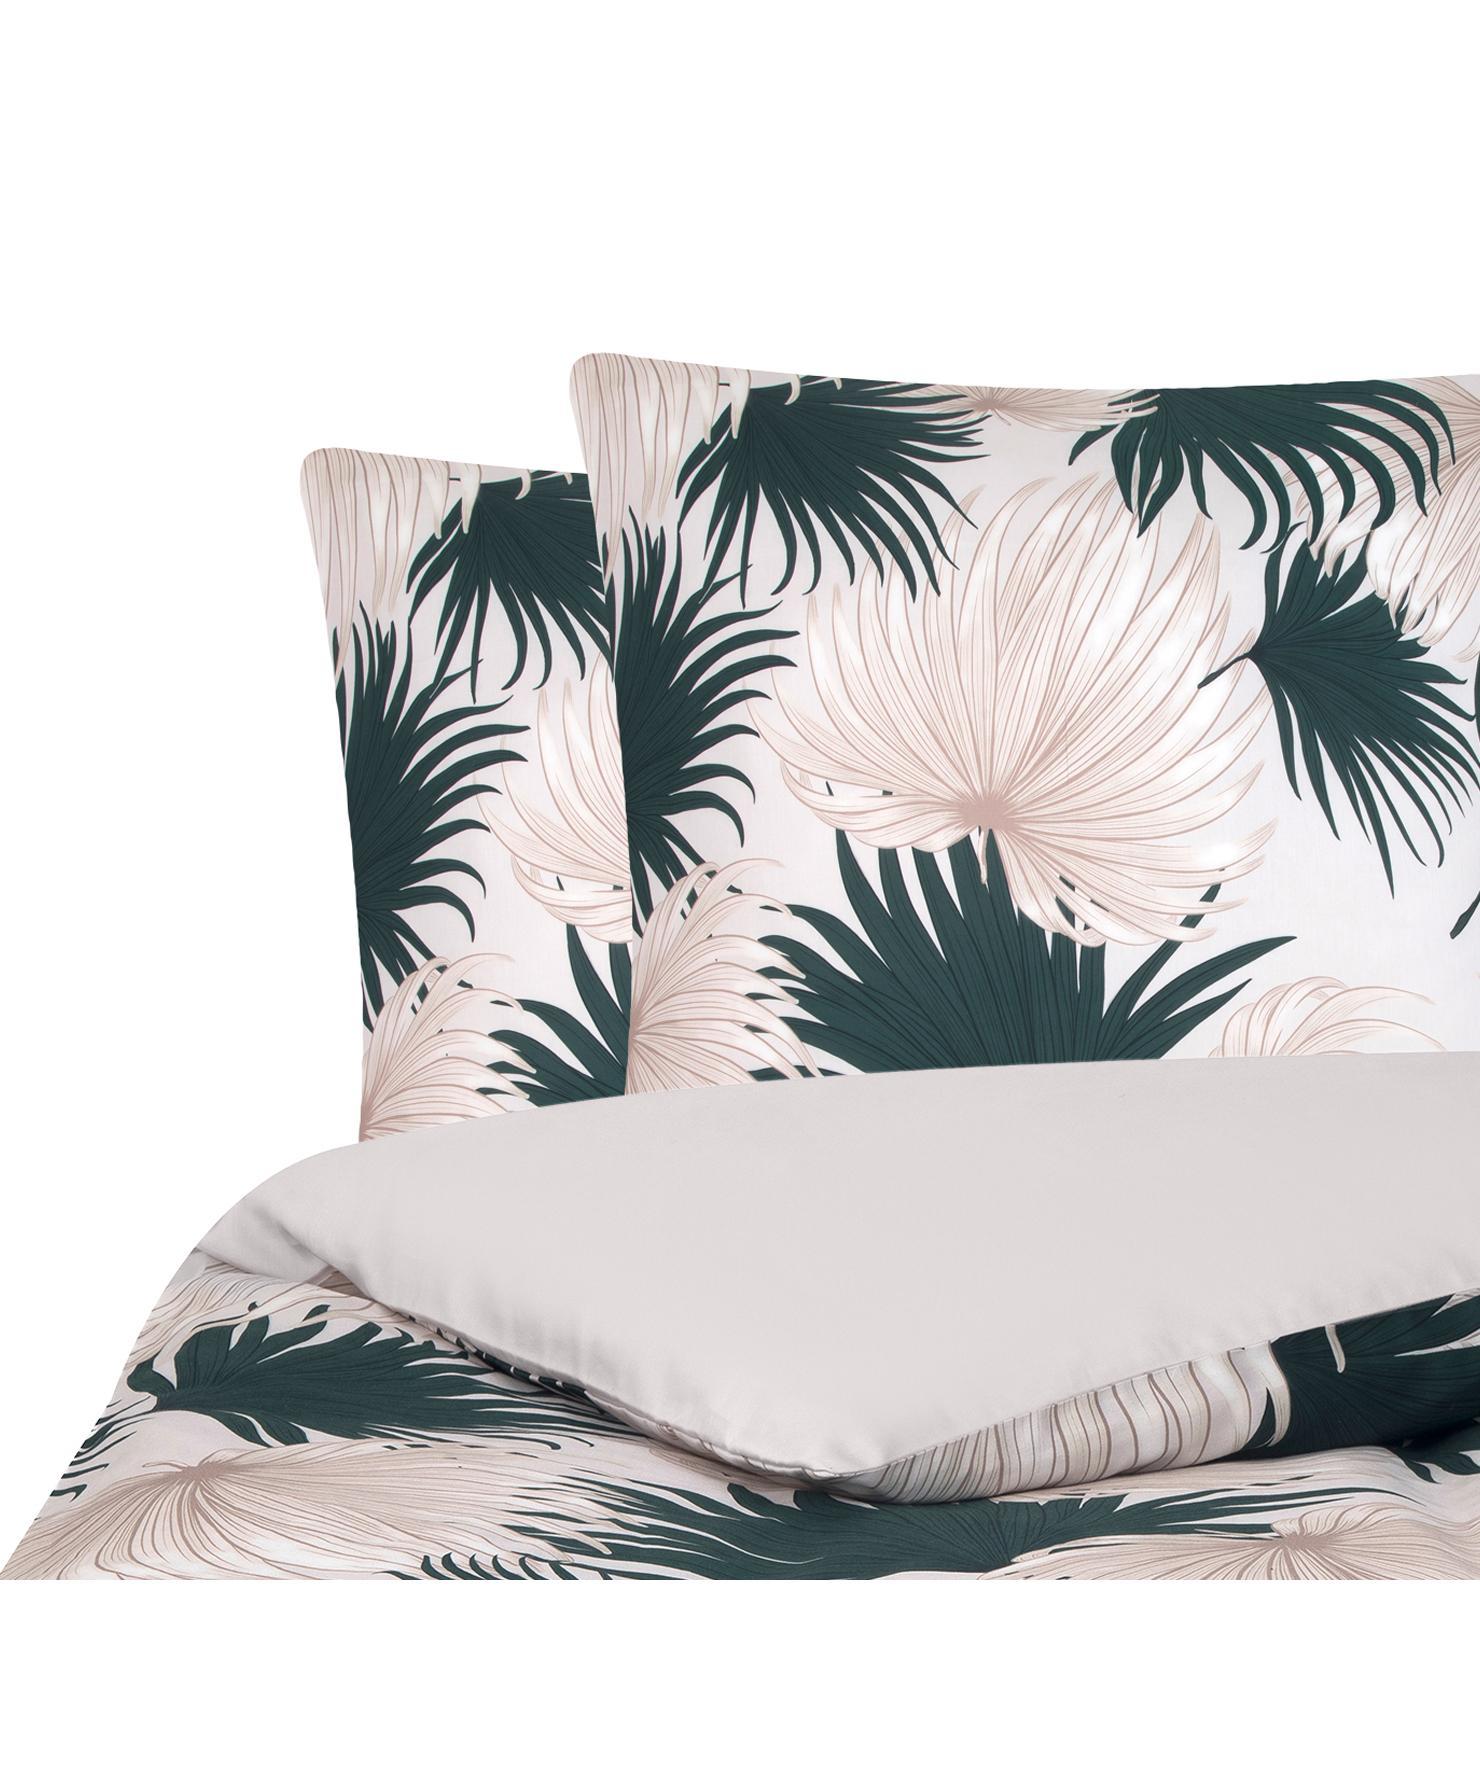 Parure copripiumino reversibile in raso di cotone Aloha, Tessuto: raso, Fronte: beige, verde Retro: beige, 255 x 200 cm